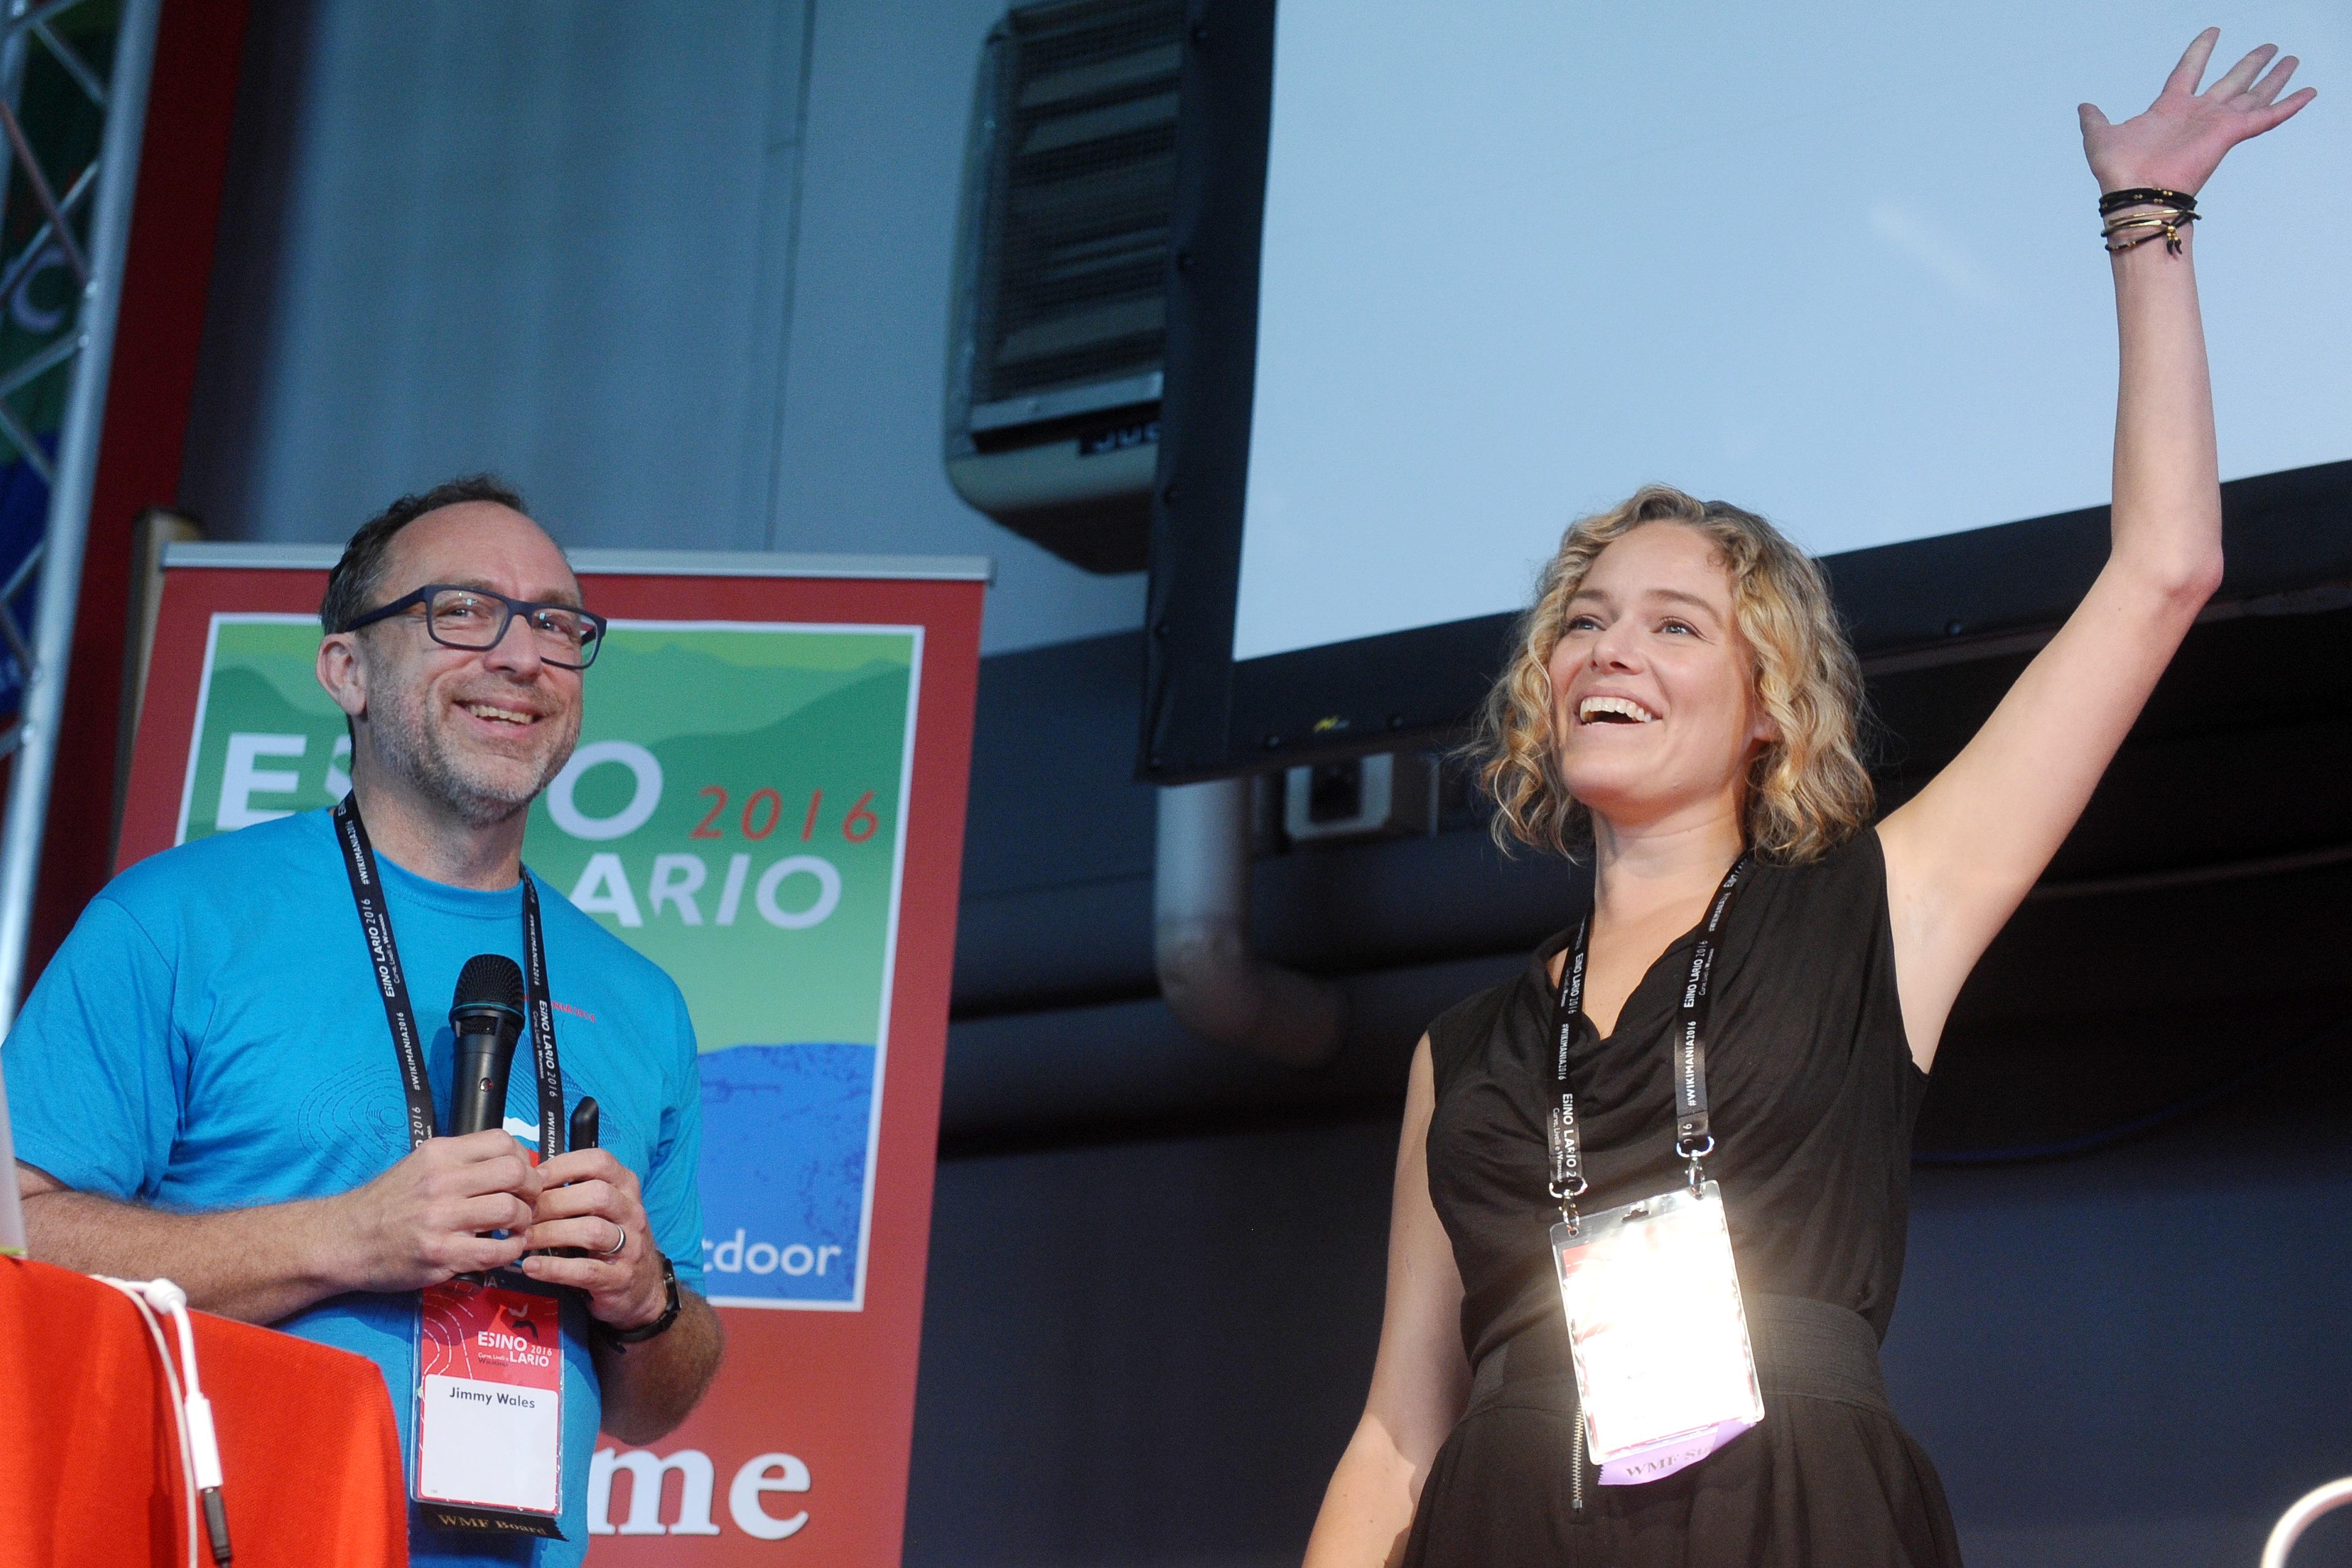 על ידי Niccolò Caranti (Wikimania Esino Lario) [CC BY-SA 4.0 (http://creativecommons.org/licenses/by-sa/4.0)], באמצעות ויקישיתוף